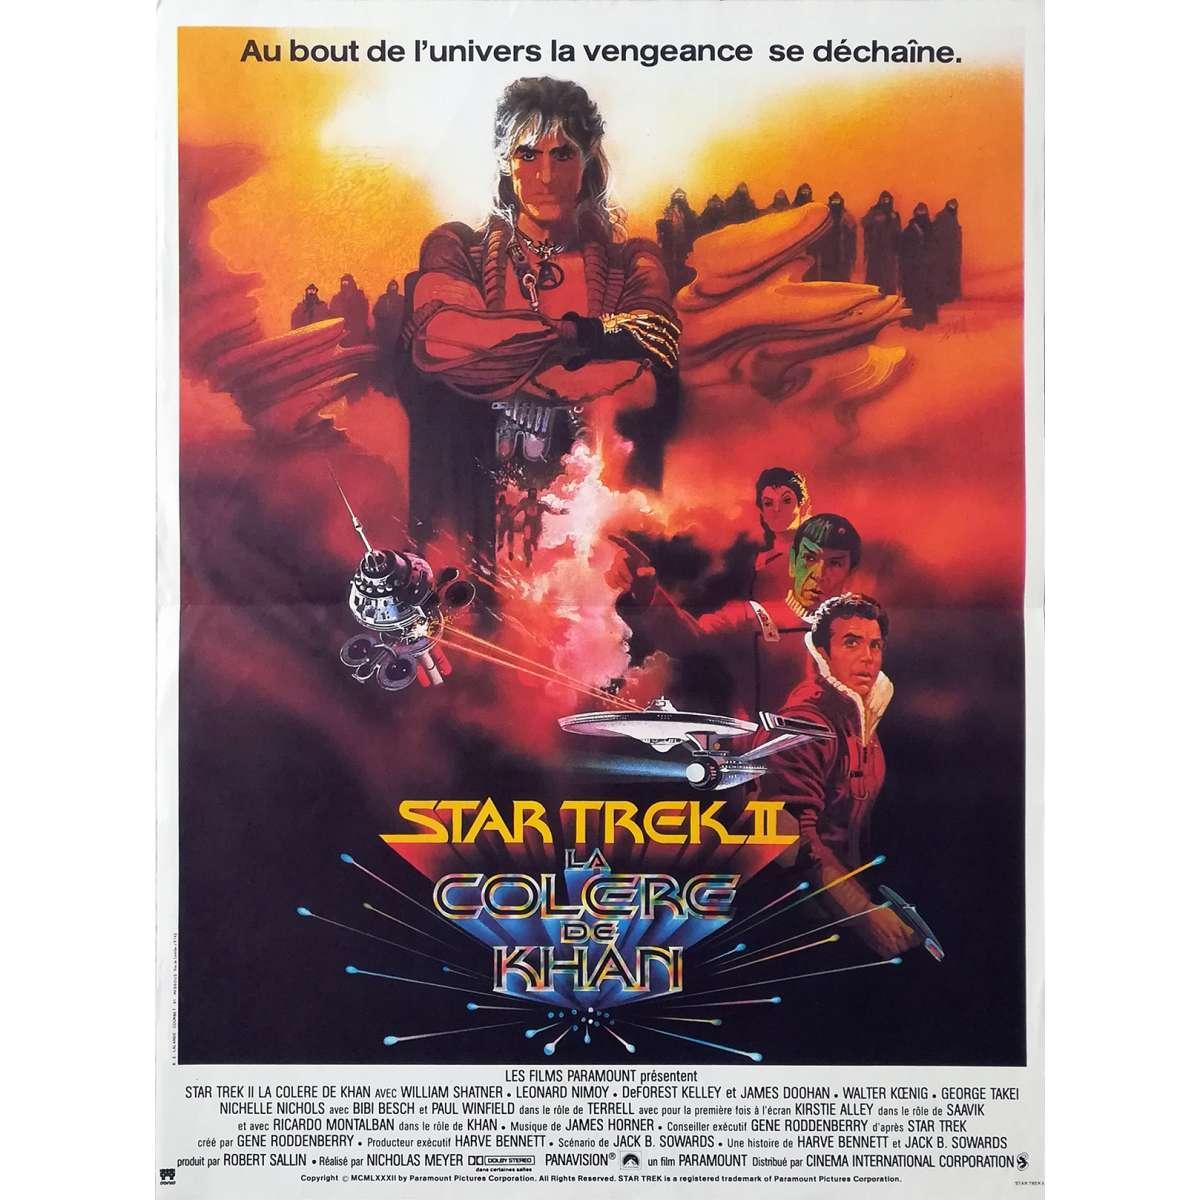 star trek ii the wrath of khan movie poster 15x21 in